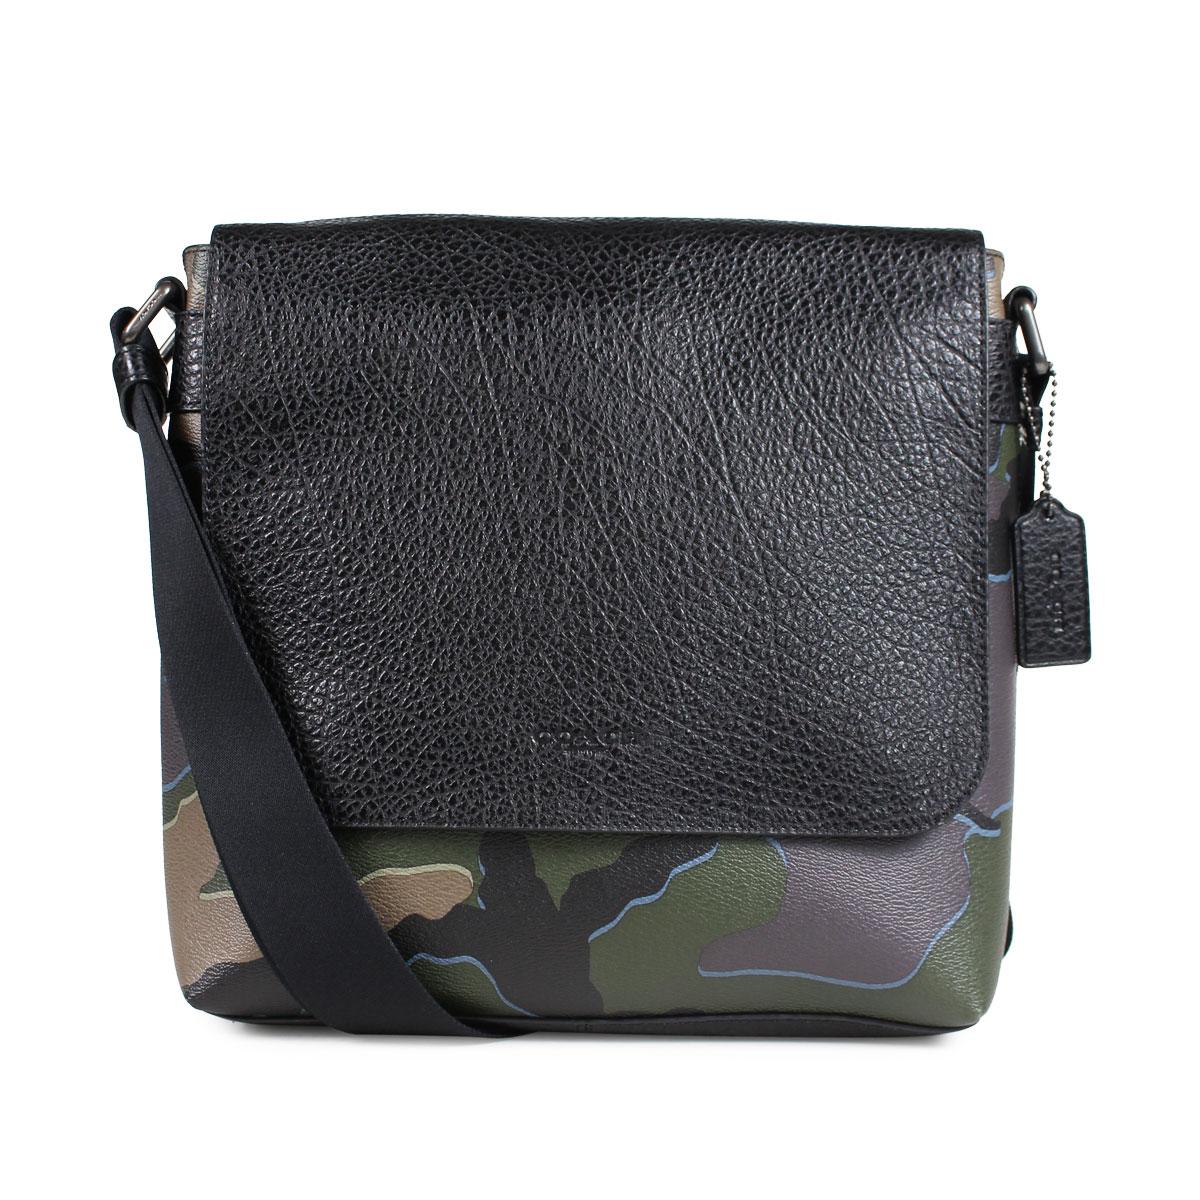 a733233633af4 COACH F31559 coach bag shoulder bag men leather duck green [193] ...